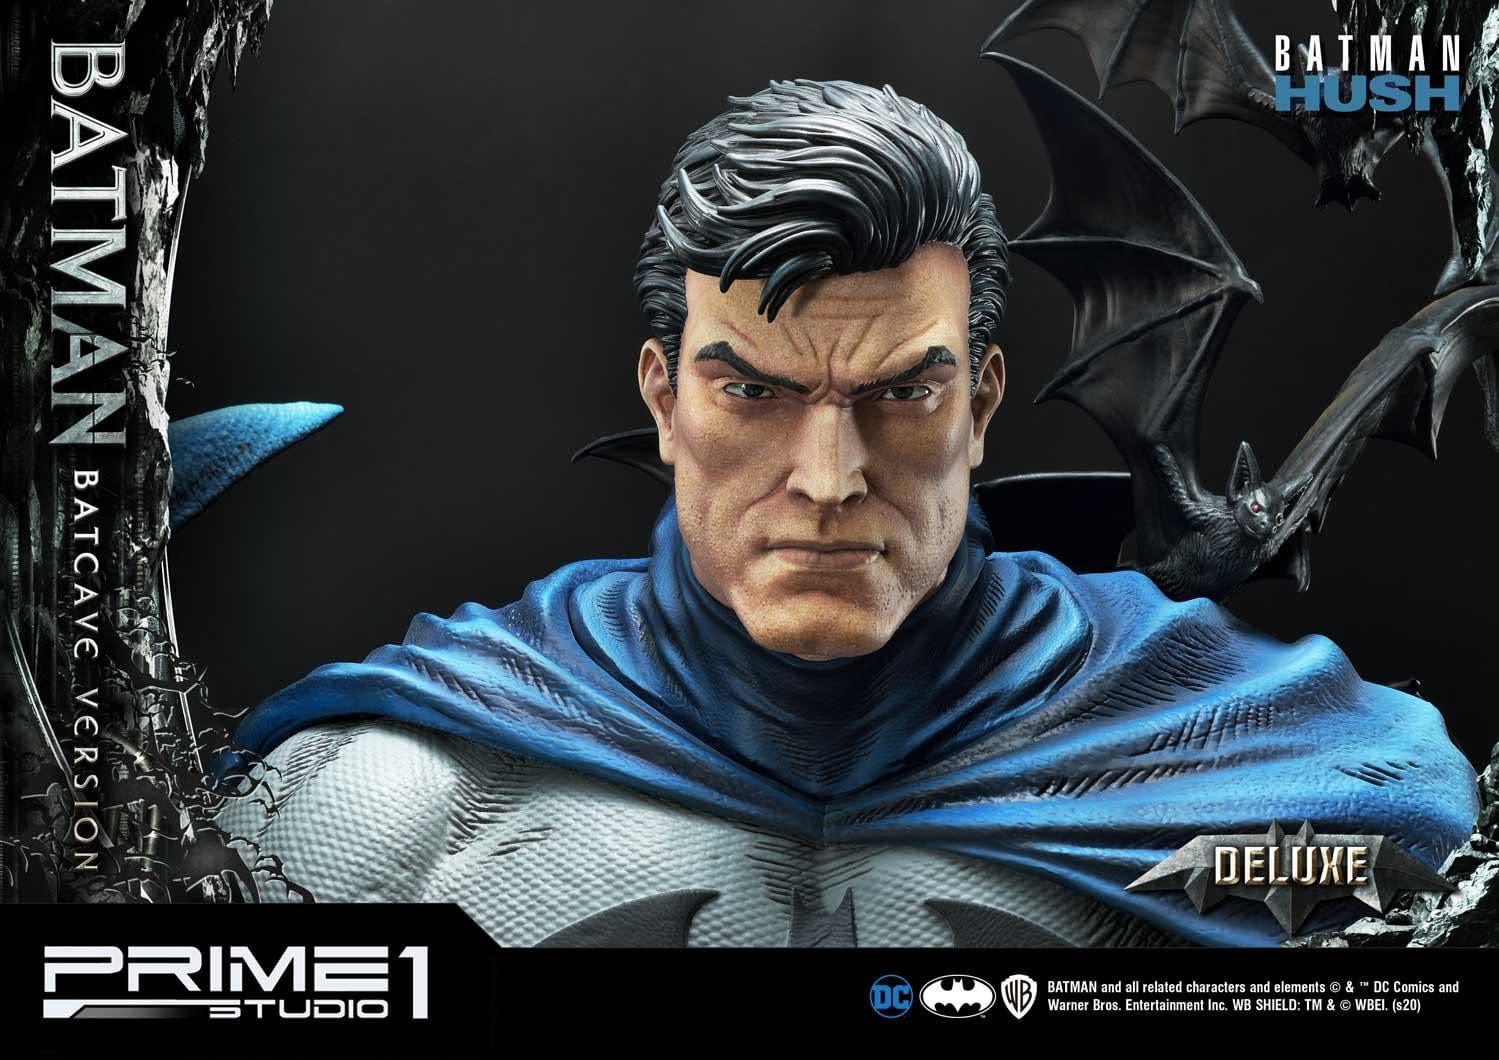 Prime-1-Batman-Batcave-Version-DX-007